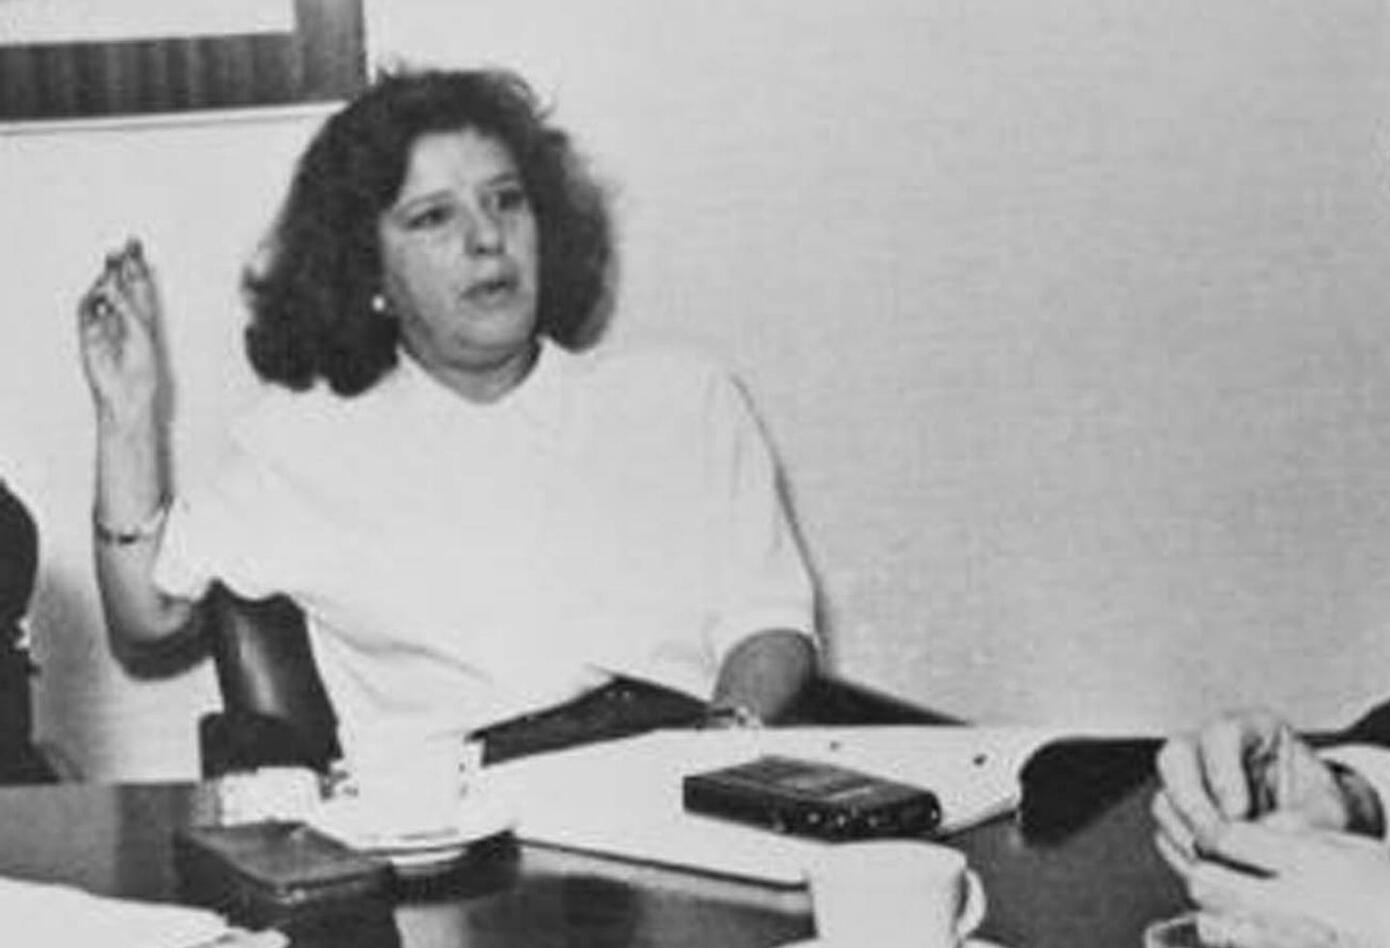 La periodista Diana Turbay fue secuestrada el 30 de agosto de 1990 por orden de Pablo Escobar. En una operación de rescate el 25 de enero de 1991 murió en un intento de rescate.